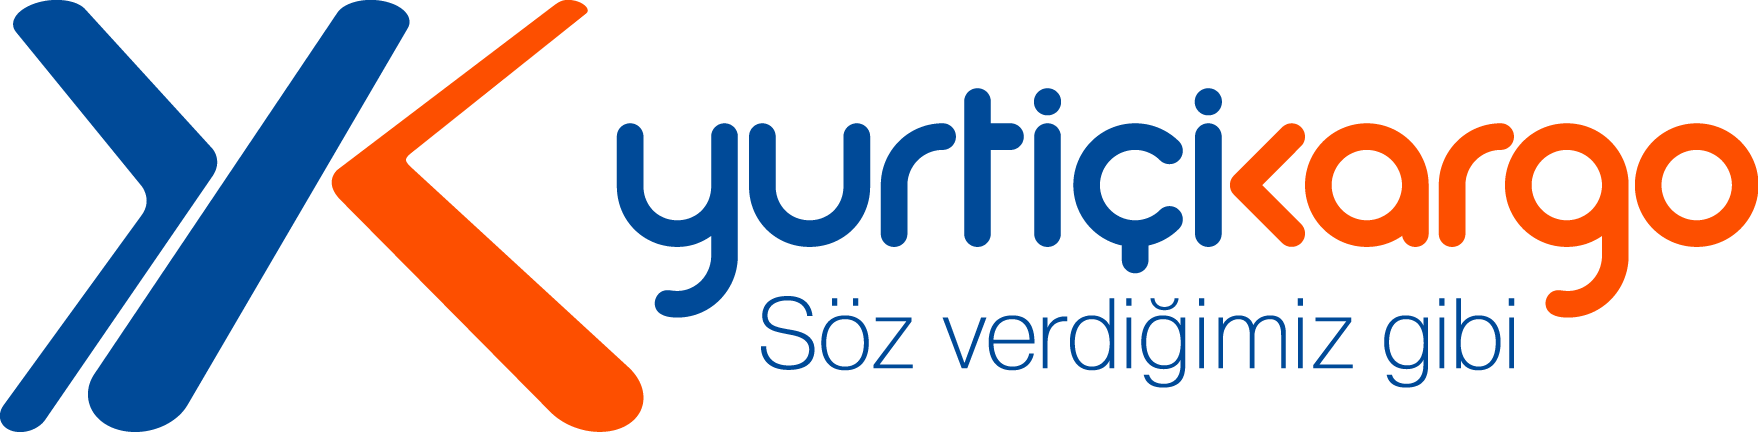 Yurtiçi Kargo Logo [yurticikargo.com] png